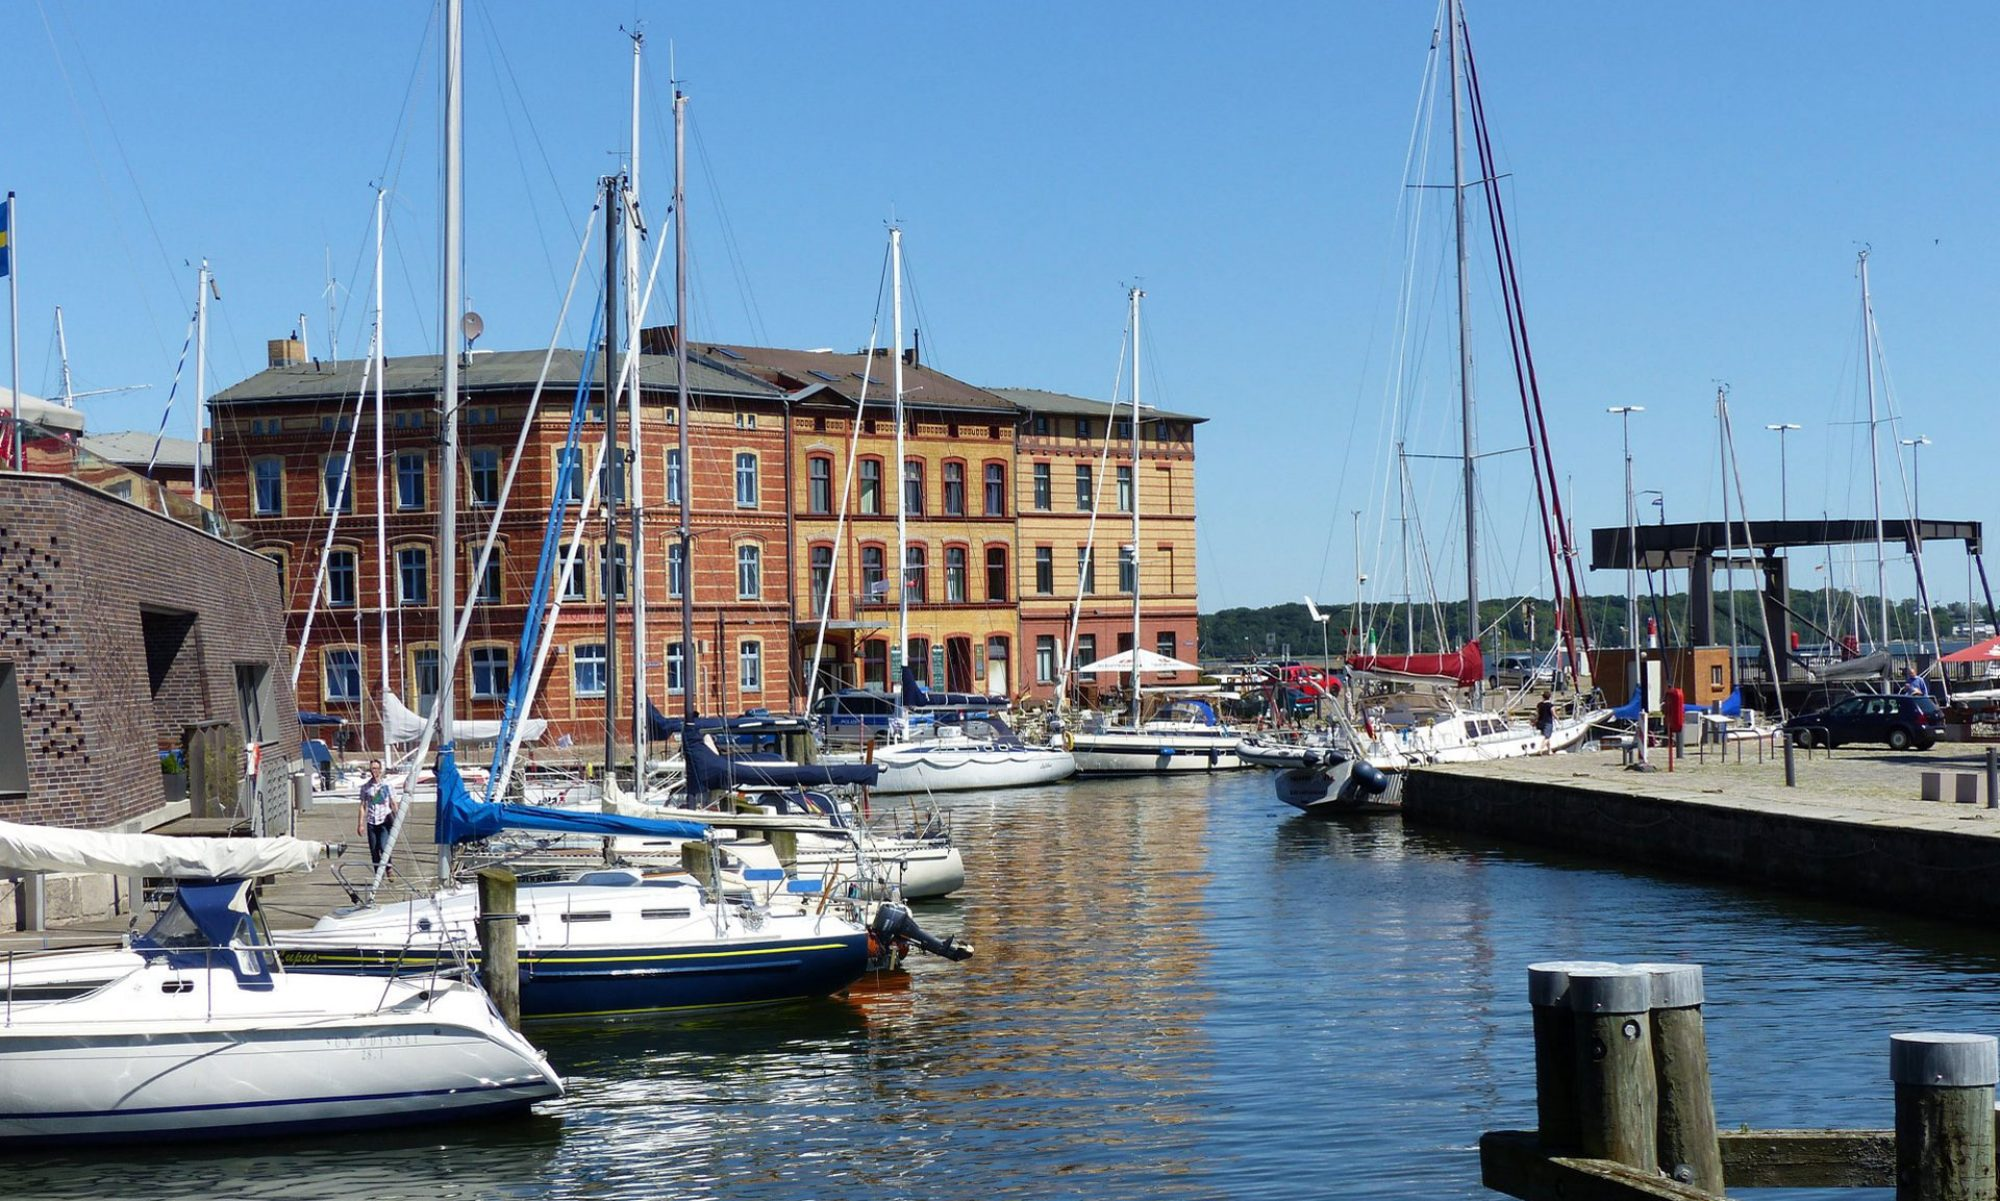 Yachtcharter Stralsund